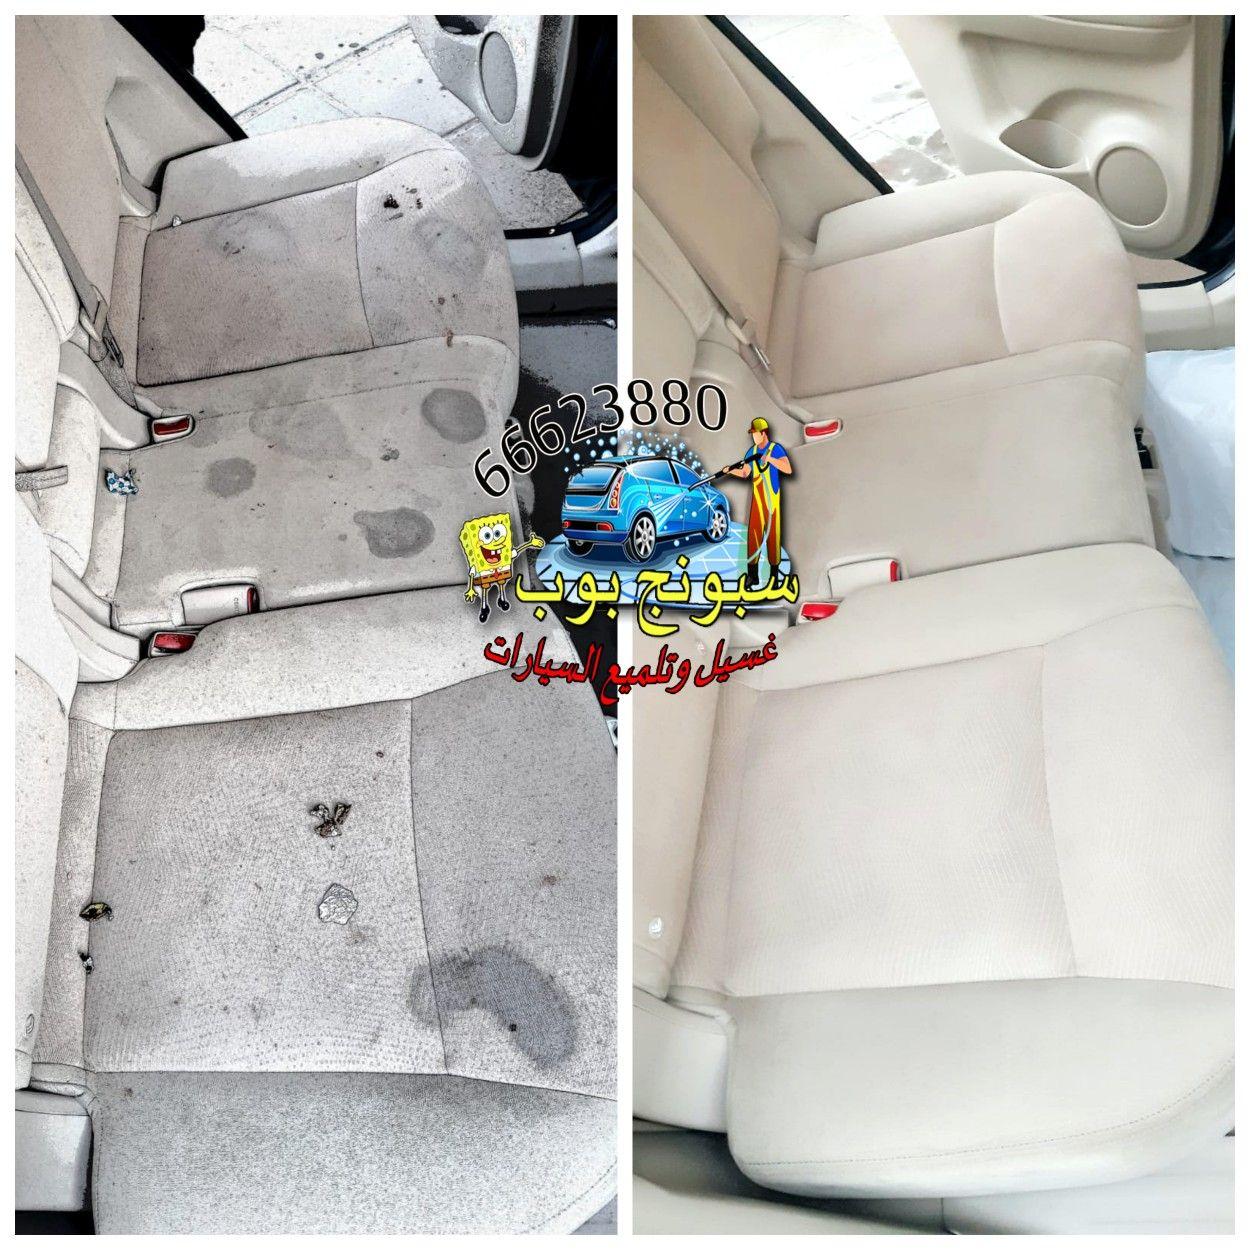 غسيل سيارات الكويت Car Wash Car Seats Car